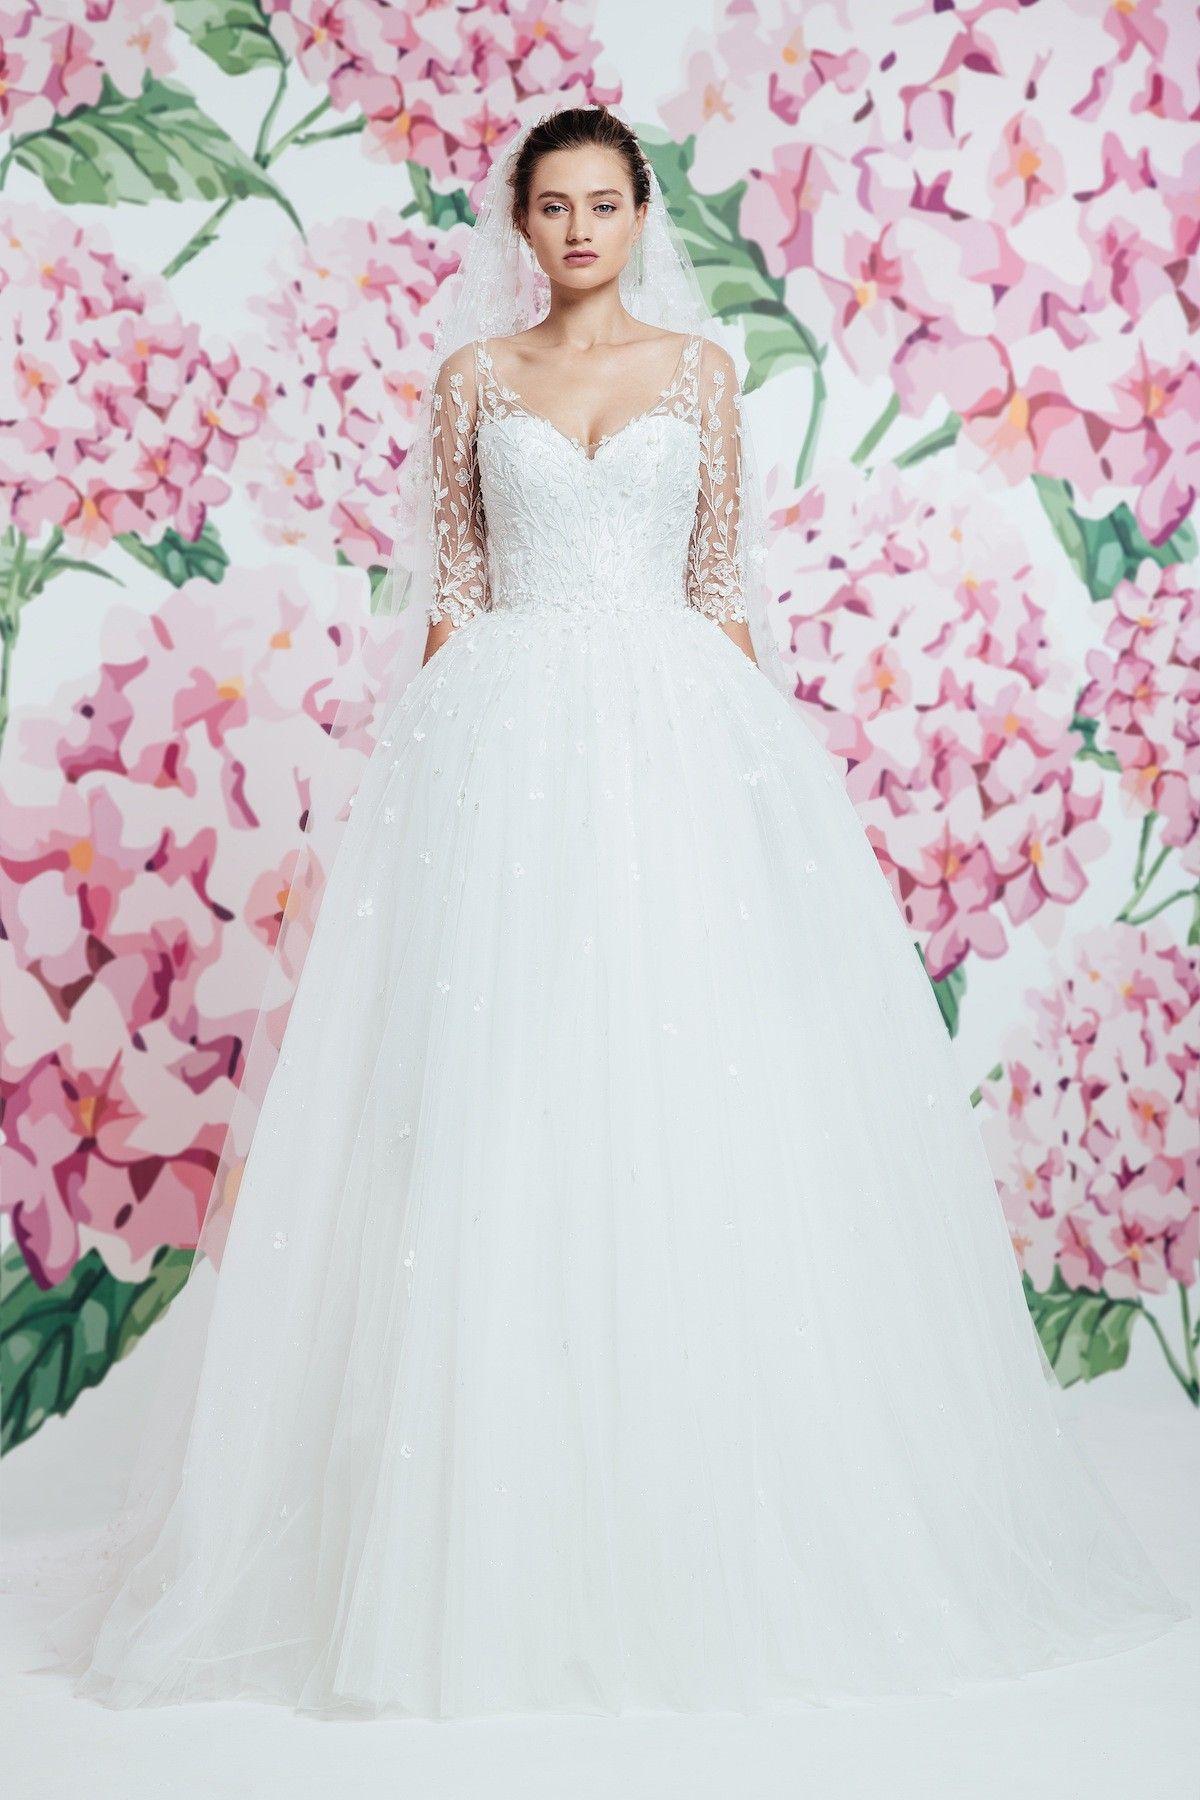 Georges hobeika bridal bridal look weddings pinterest